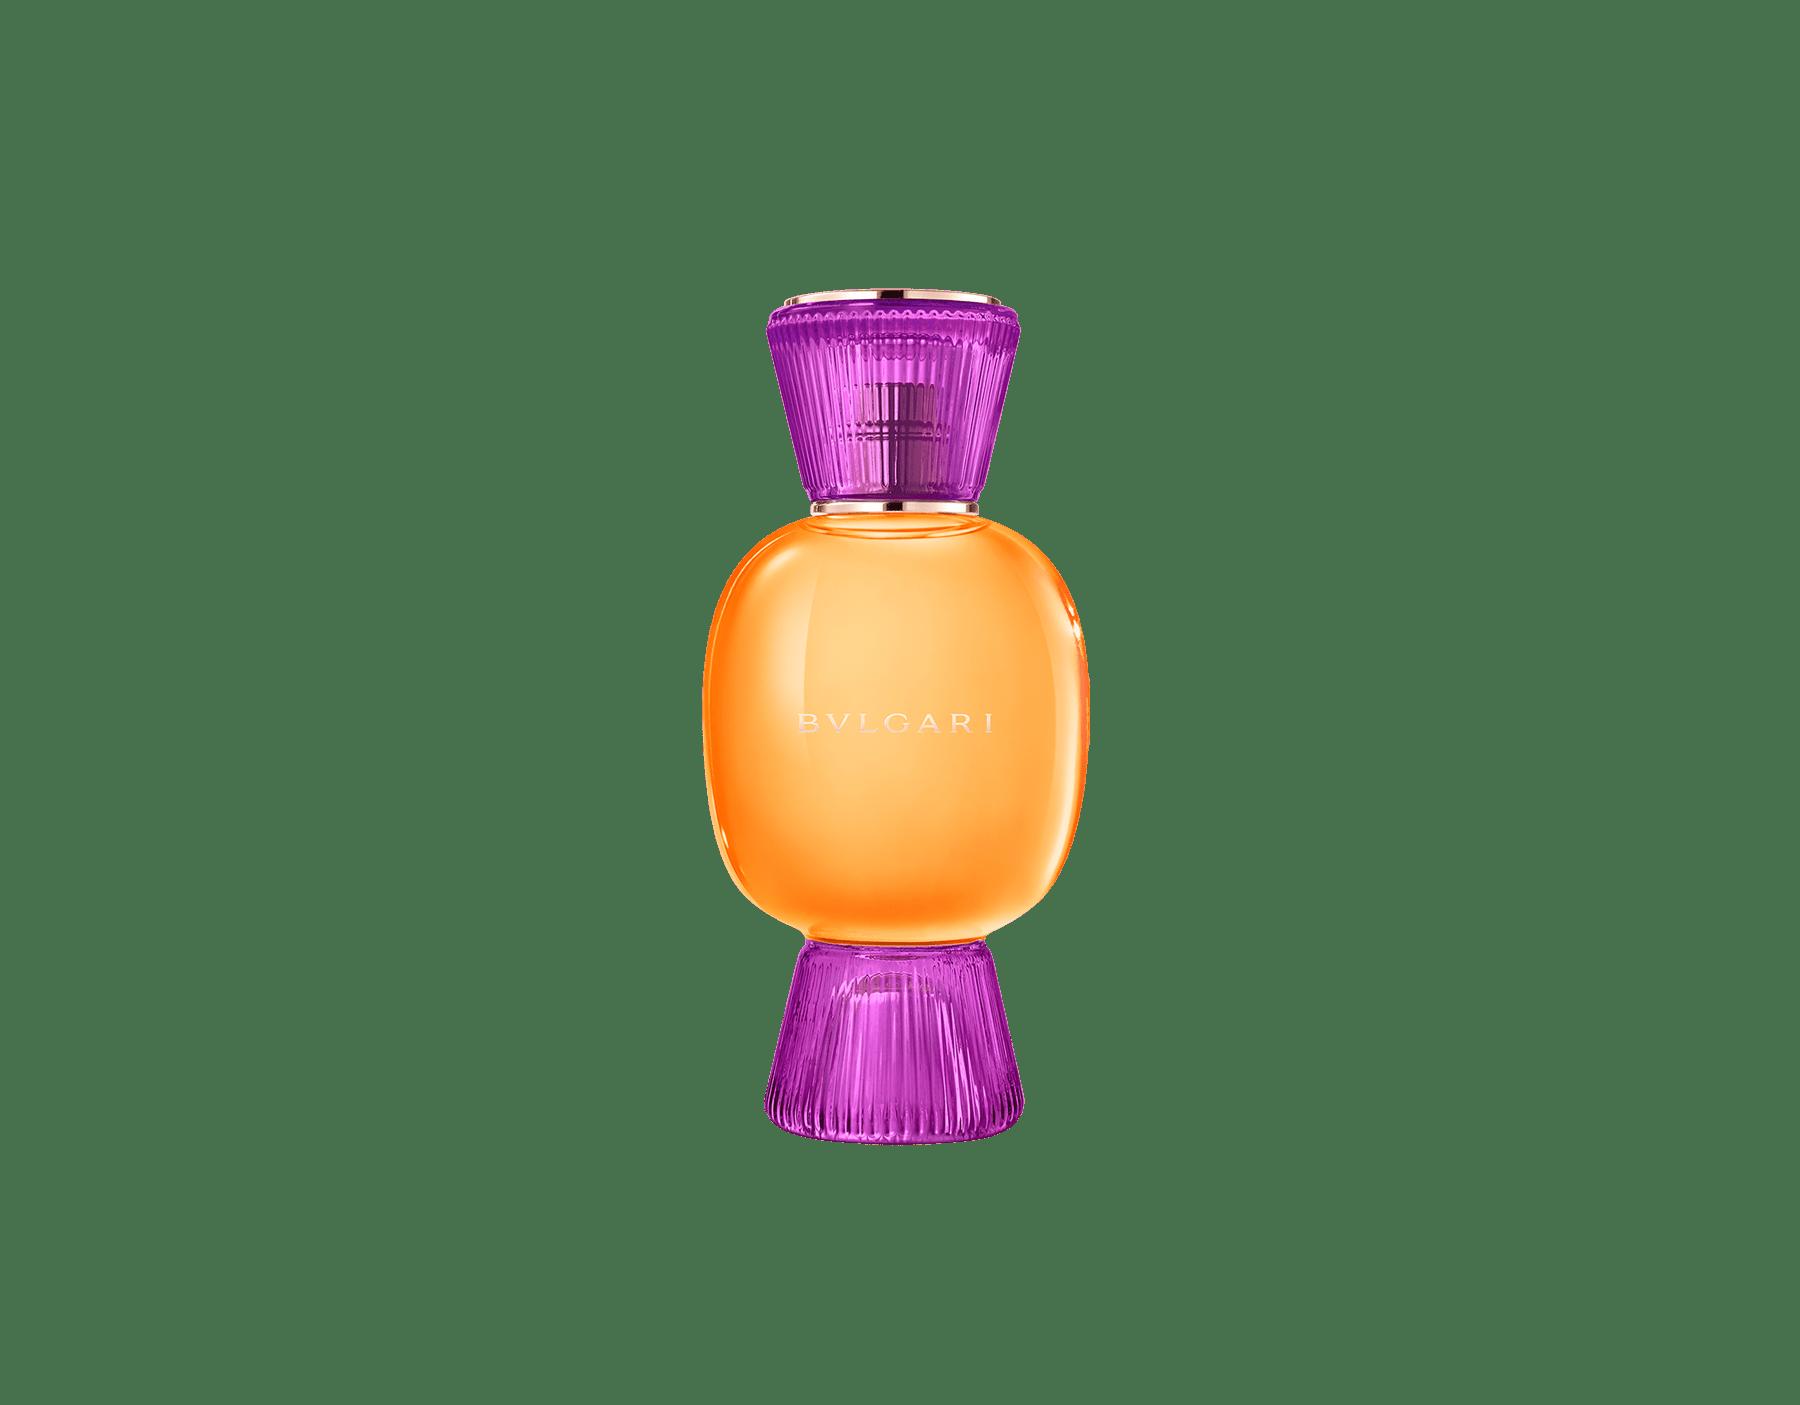 مجموعة عطور حصرية، جريئة وفريدة مثلك تماماً. عطر «روك أند روم أليغرا» بشذى الورد يمتزج مع اللمسة الدافئة لخلاصة المسك المعززة ليعطي عطراً نسائياً مخصصاً لا يقاوم. Perfume-Set-Rock-n-Rome-Eau-de-Parfum-and-Musk-Magnifying image 2